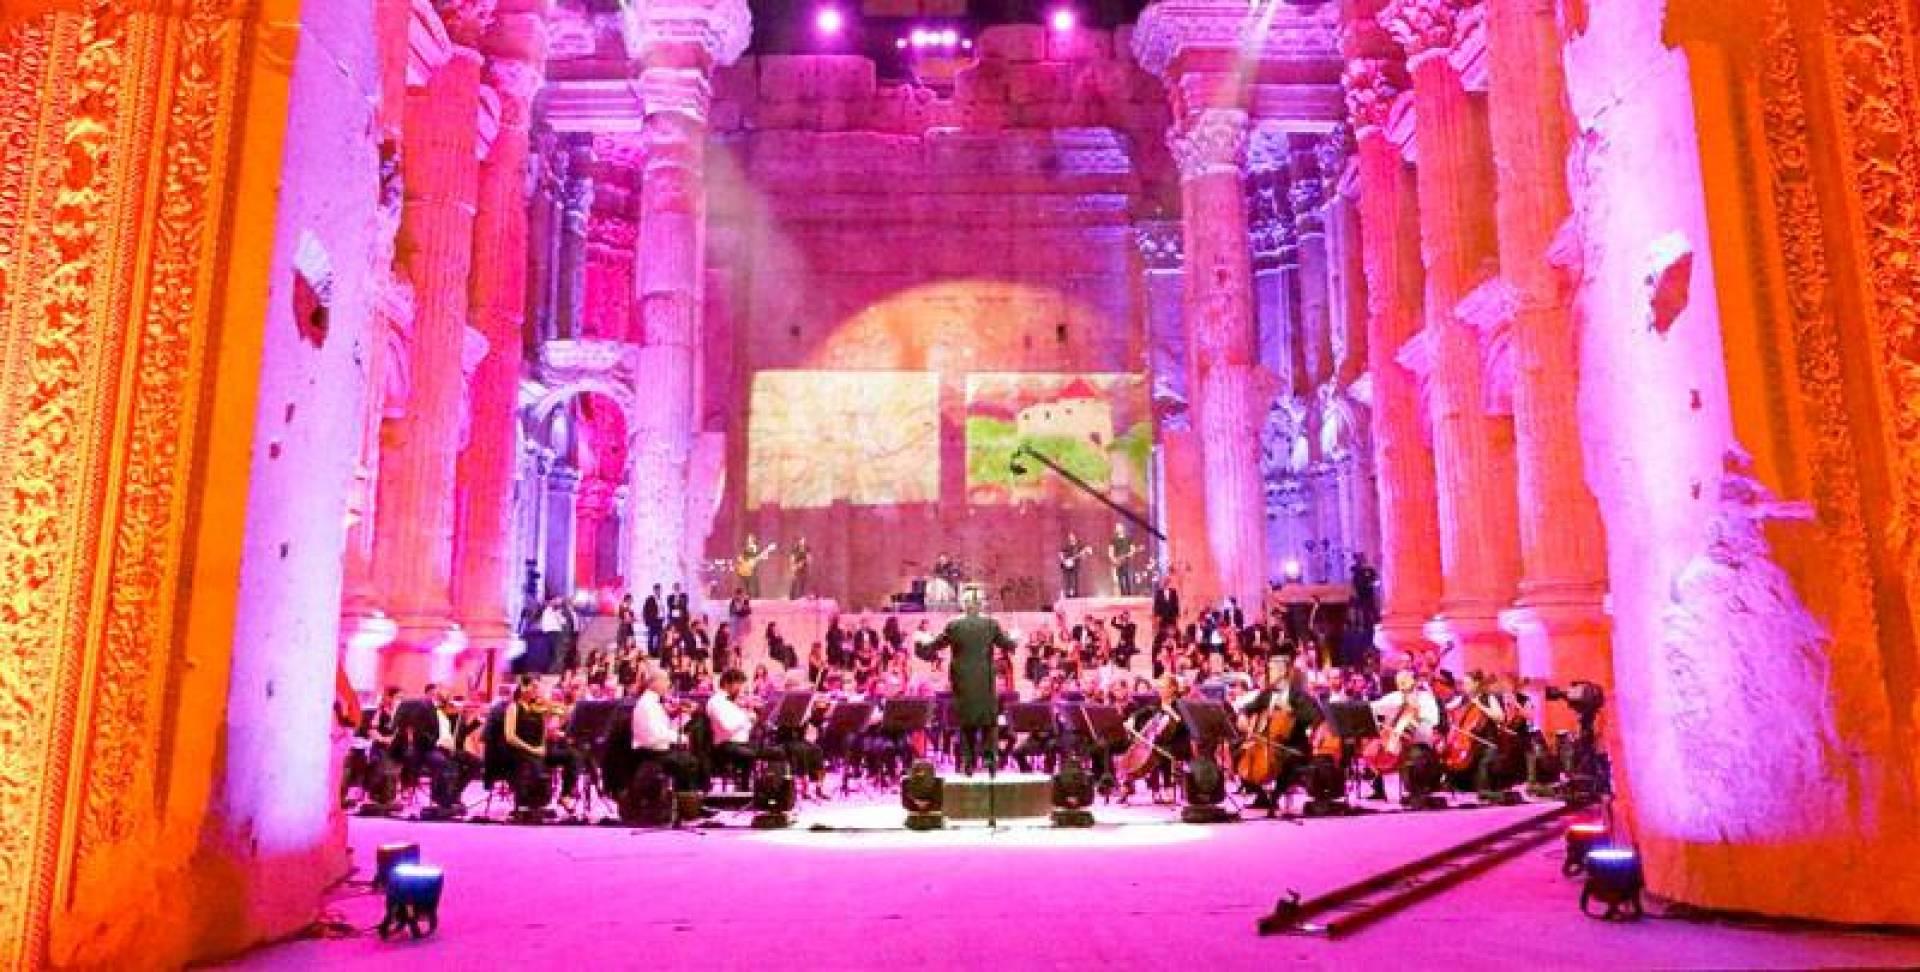 حفلة موسيقية في معبد باخوس في قلعة بعلبك نقلتها جميع شاشات التلفزة المحلية باستثناء قناة حزب الله (ا ف  ب)